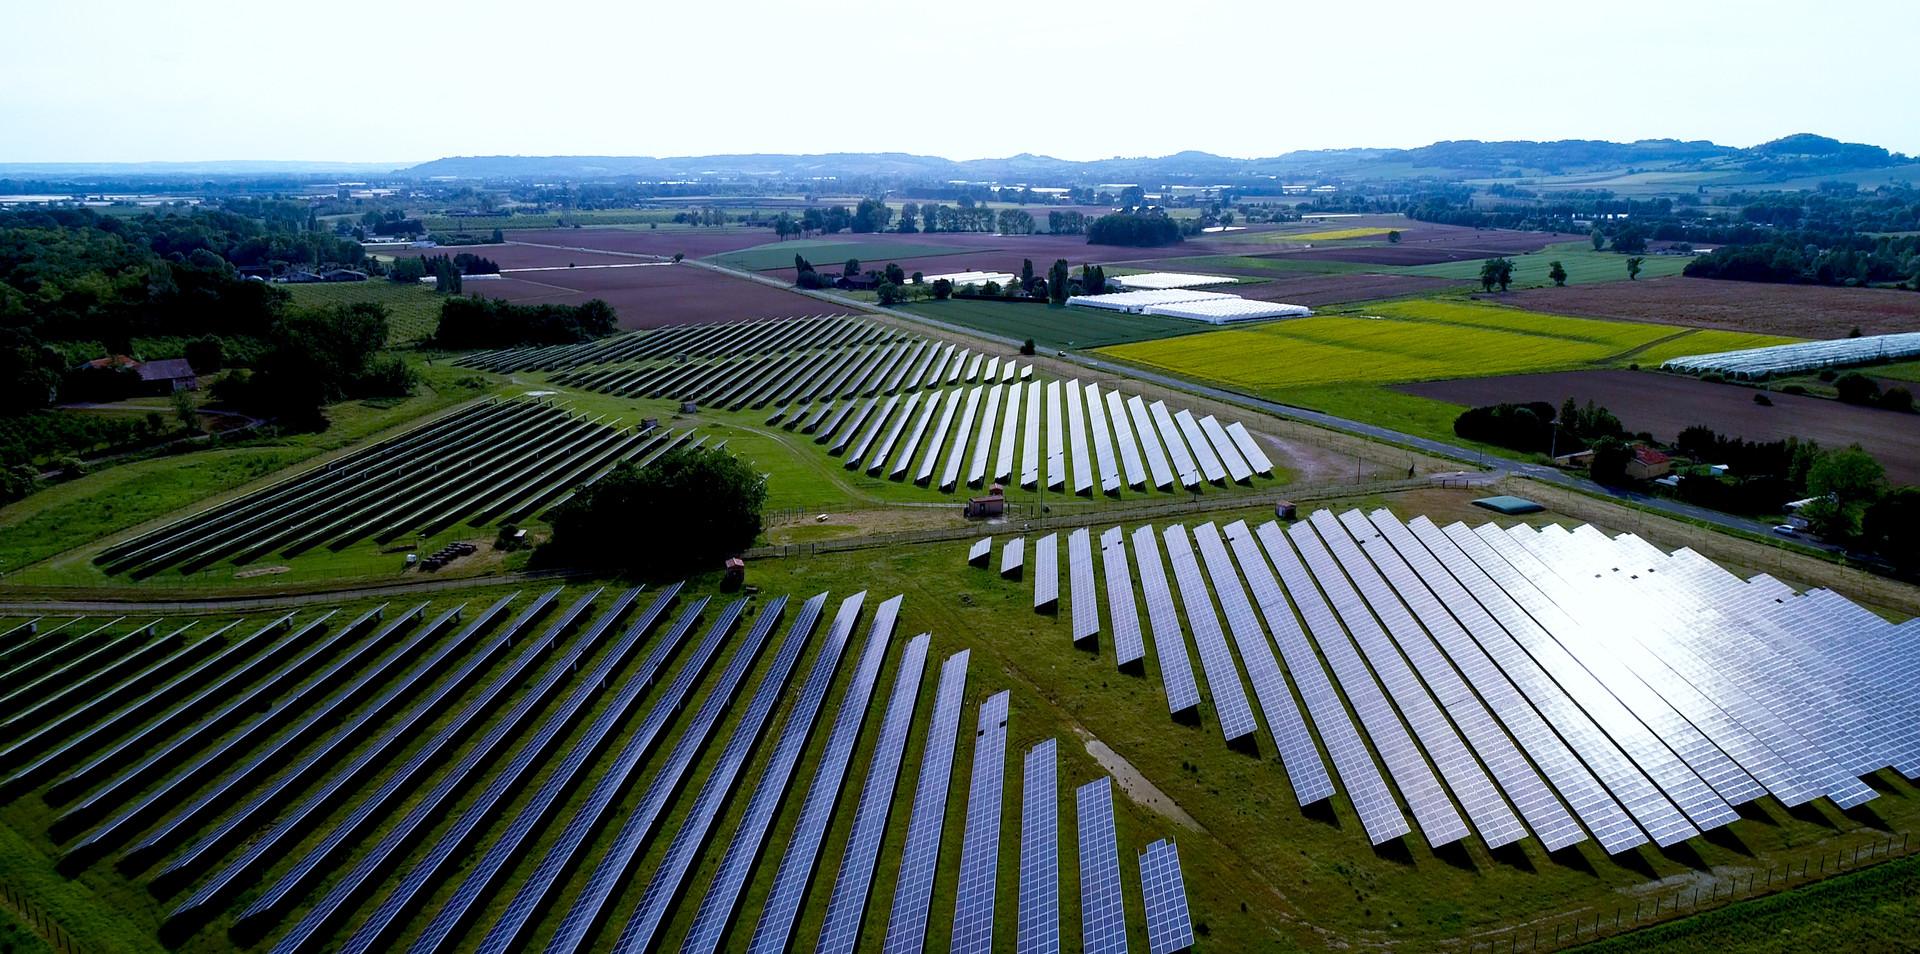 太陽光発電 施設